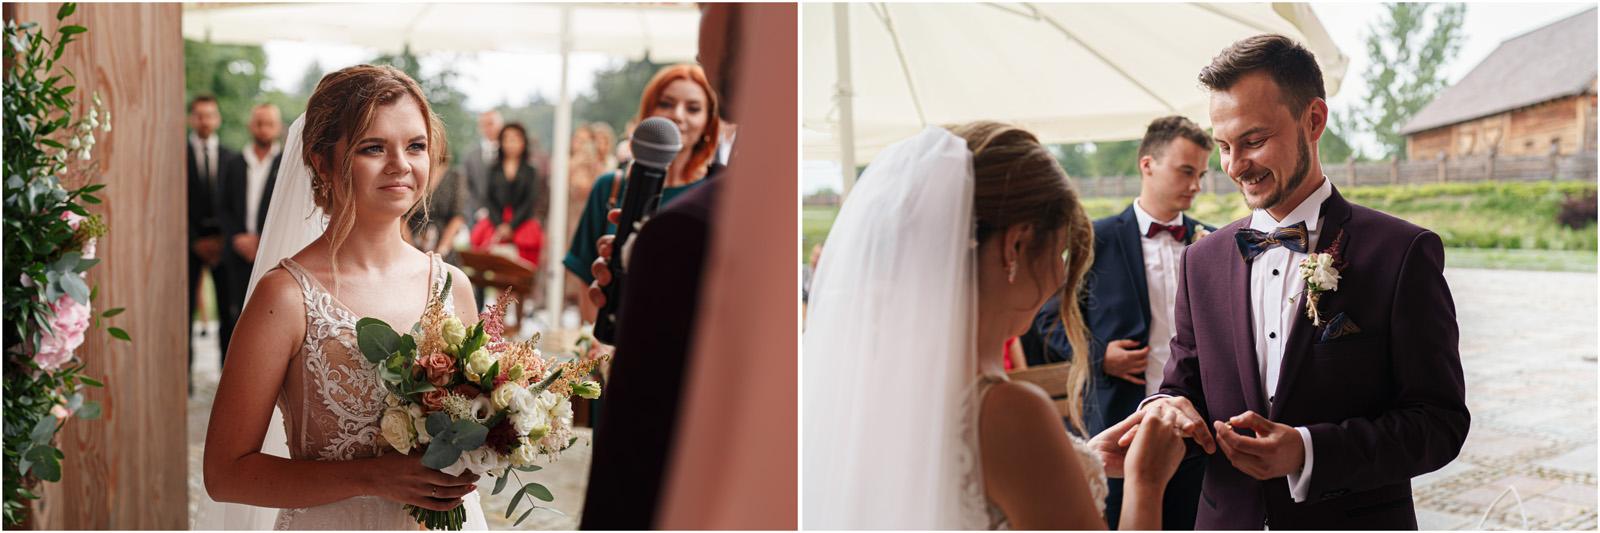 Kasia & Damian   ślub plenerowy w Kuźni Smaków i sesja w skansenie 37